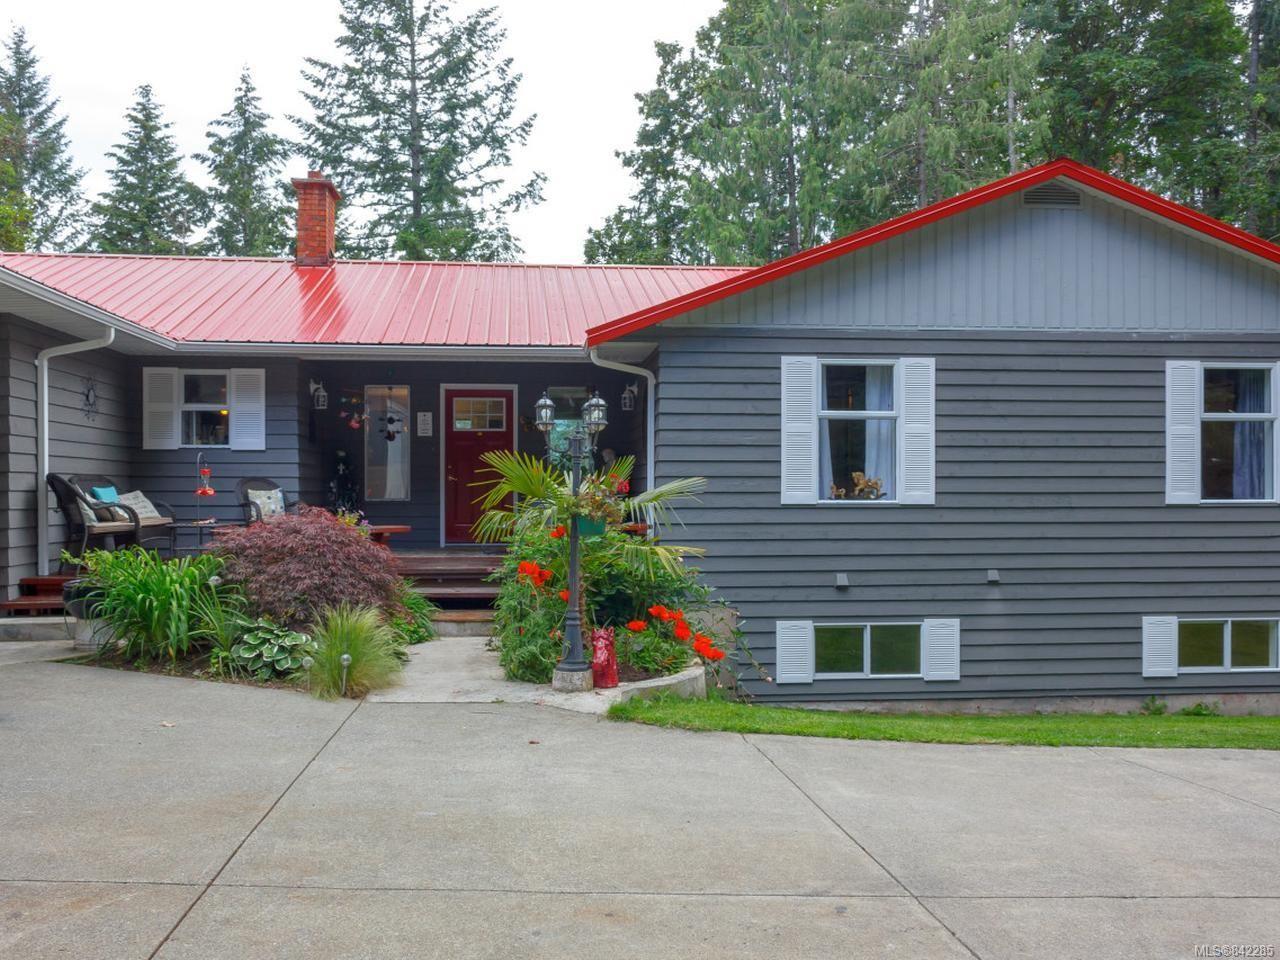 Main Photo: 9880 Panorama Ridge Rd in Chemainus: Du Chemainus House for sale (Duncan)  : MLS®# 842285